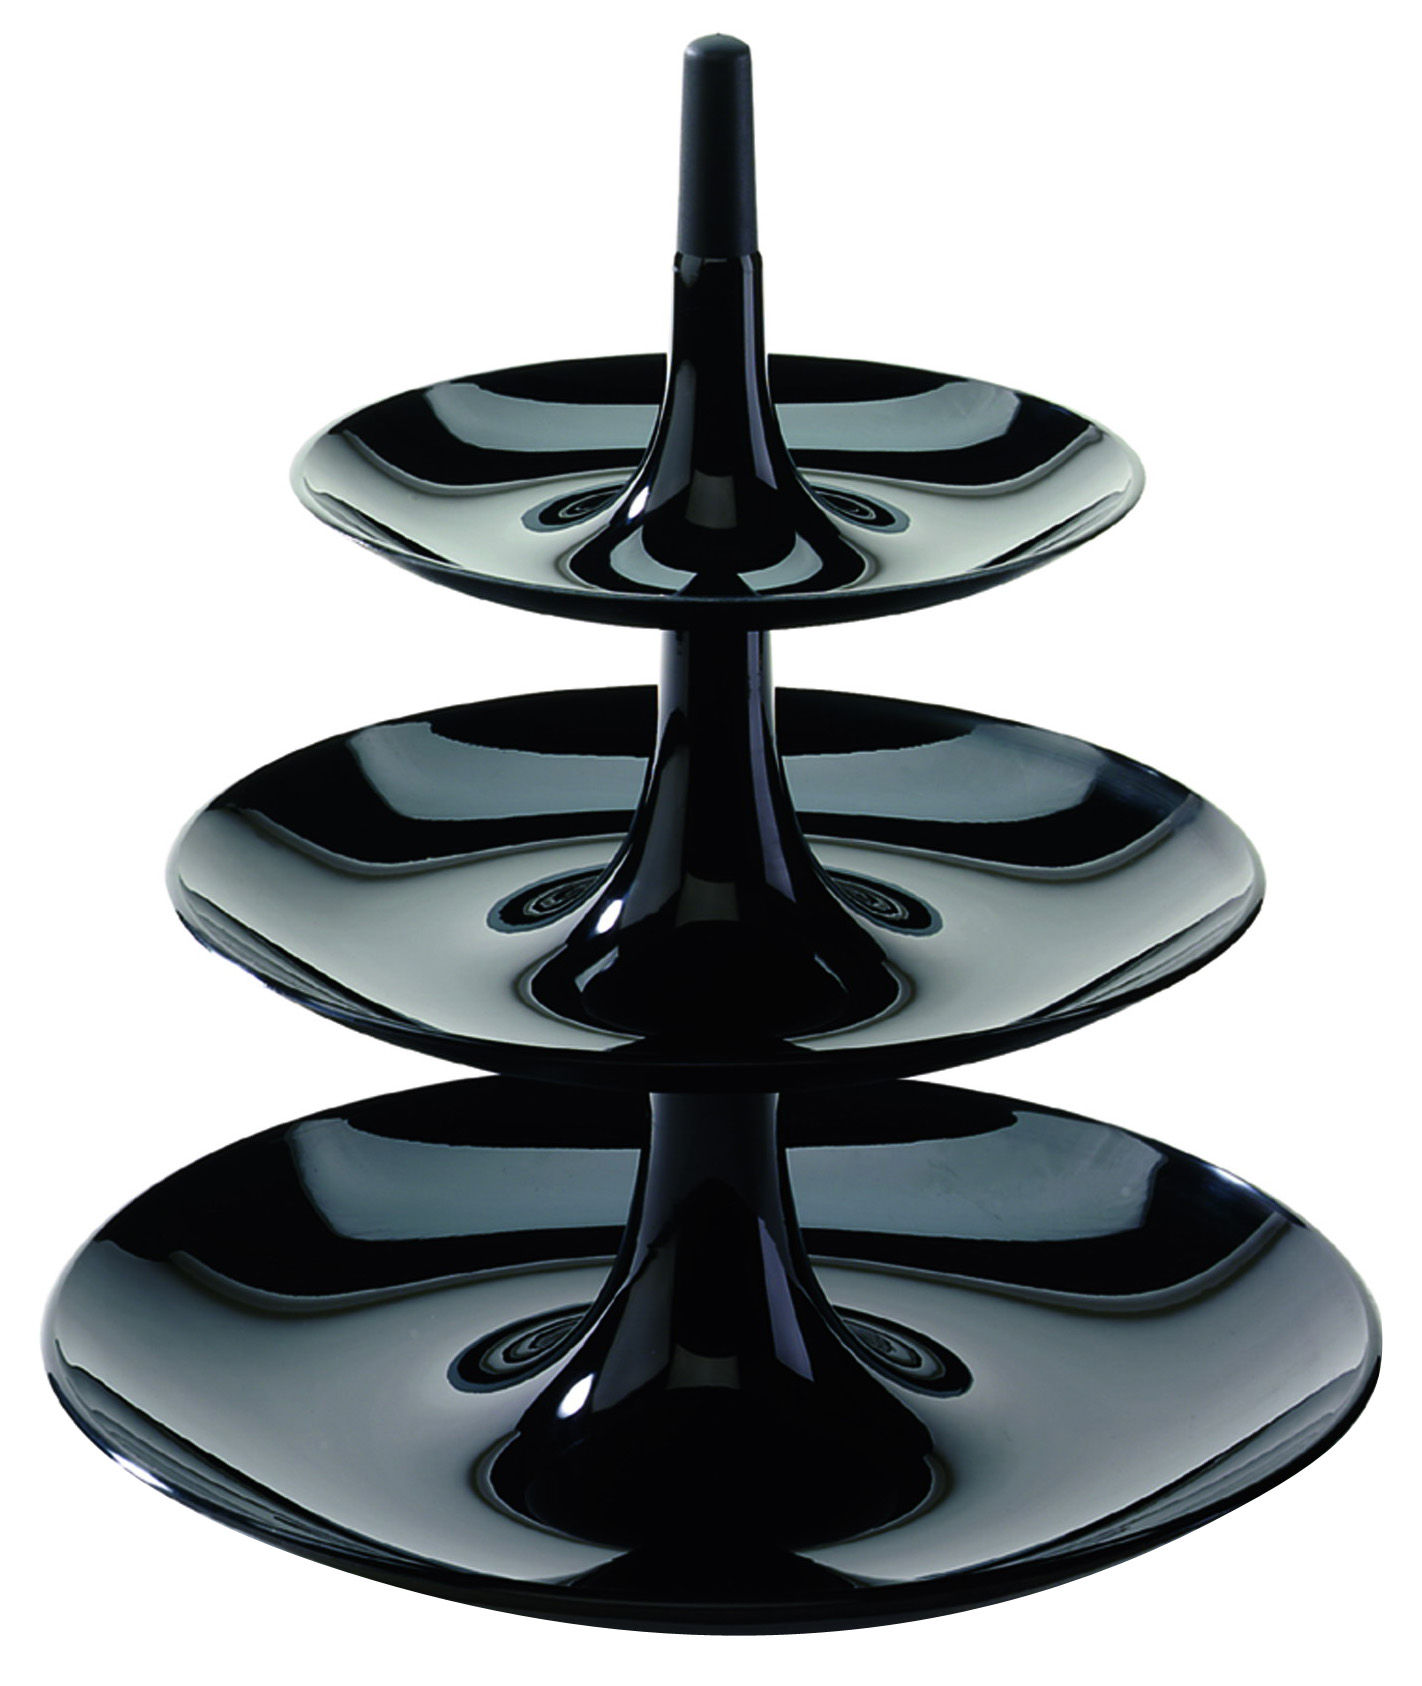 Arts de la table - Plats - Serviteur Babell / Ø 31,4 x H 34 cm - Koziol - Noir opaque - Polypropylène